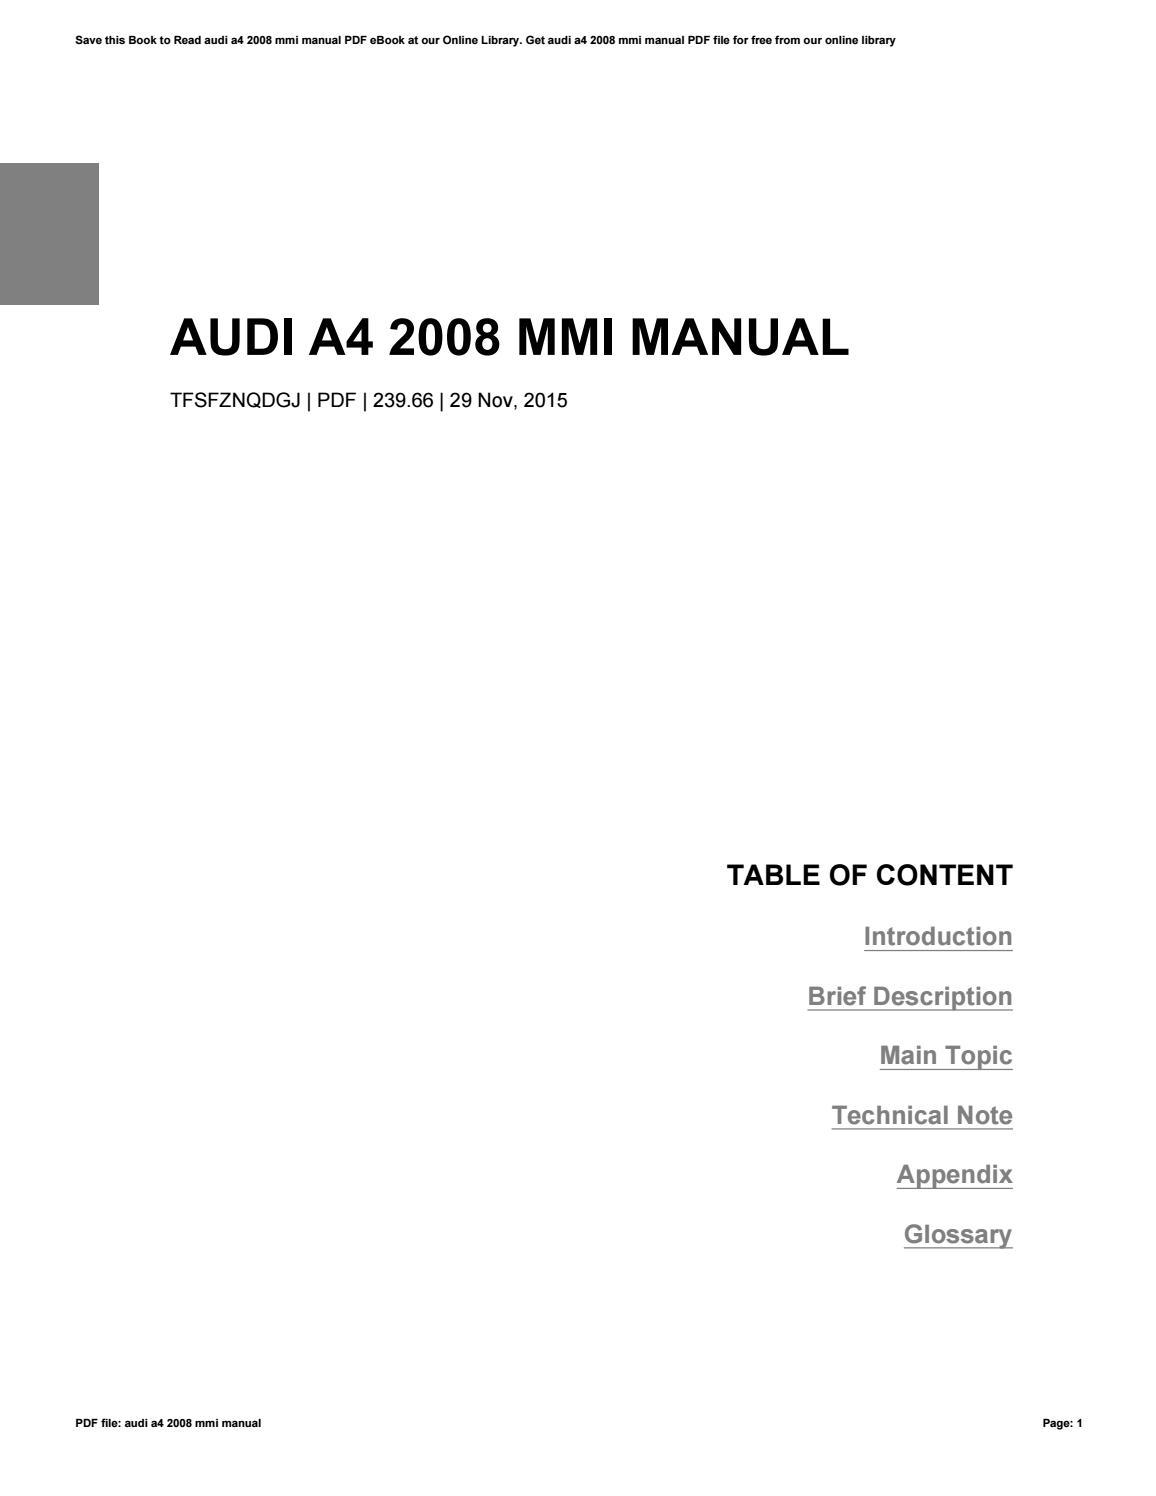 audi a4 2008 mmi manual by rochelleperry3175 issuu rh issuu com audi mmi manual 2014 audi mmi manual pdf